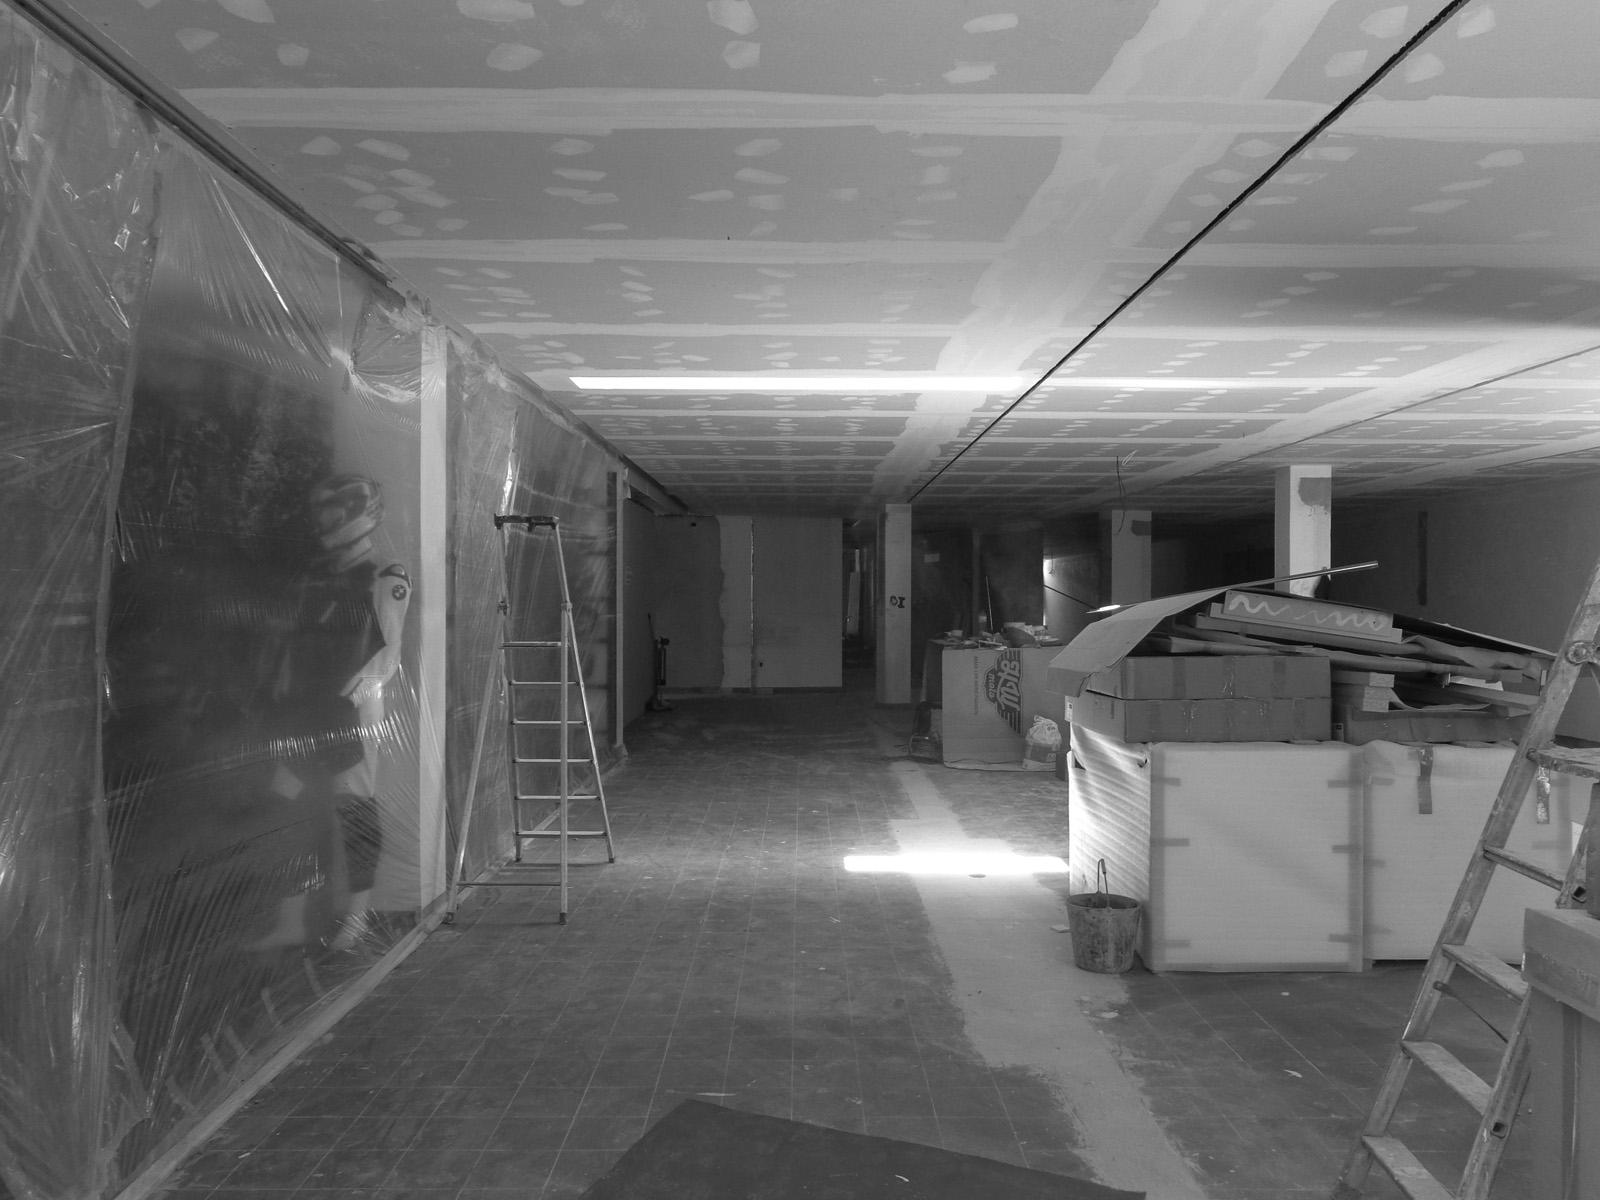 Antero - Construção - Stand - Oficina - BMW - Yamaha - EVA evolutionary architecture - Arquitectos Porto (11).jpg